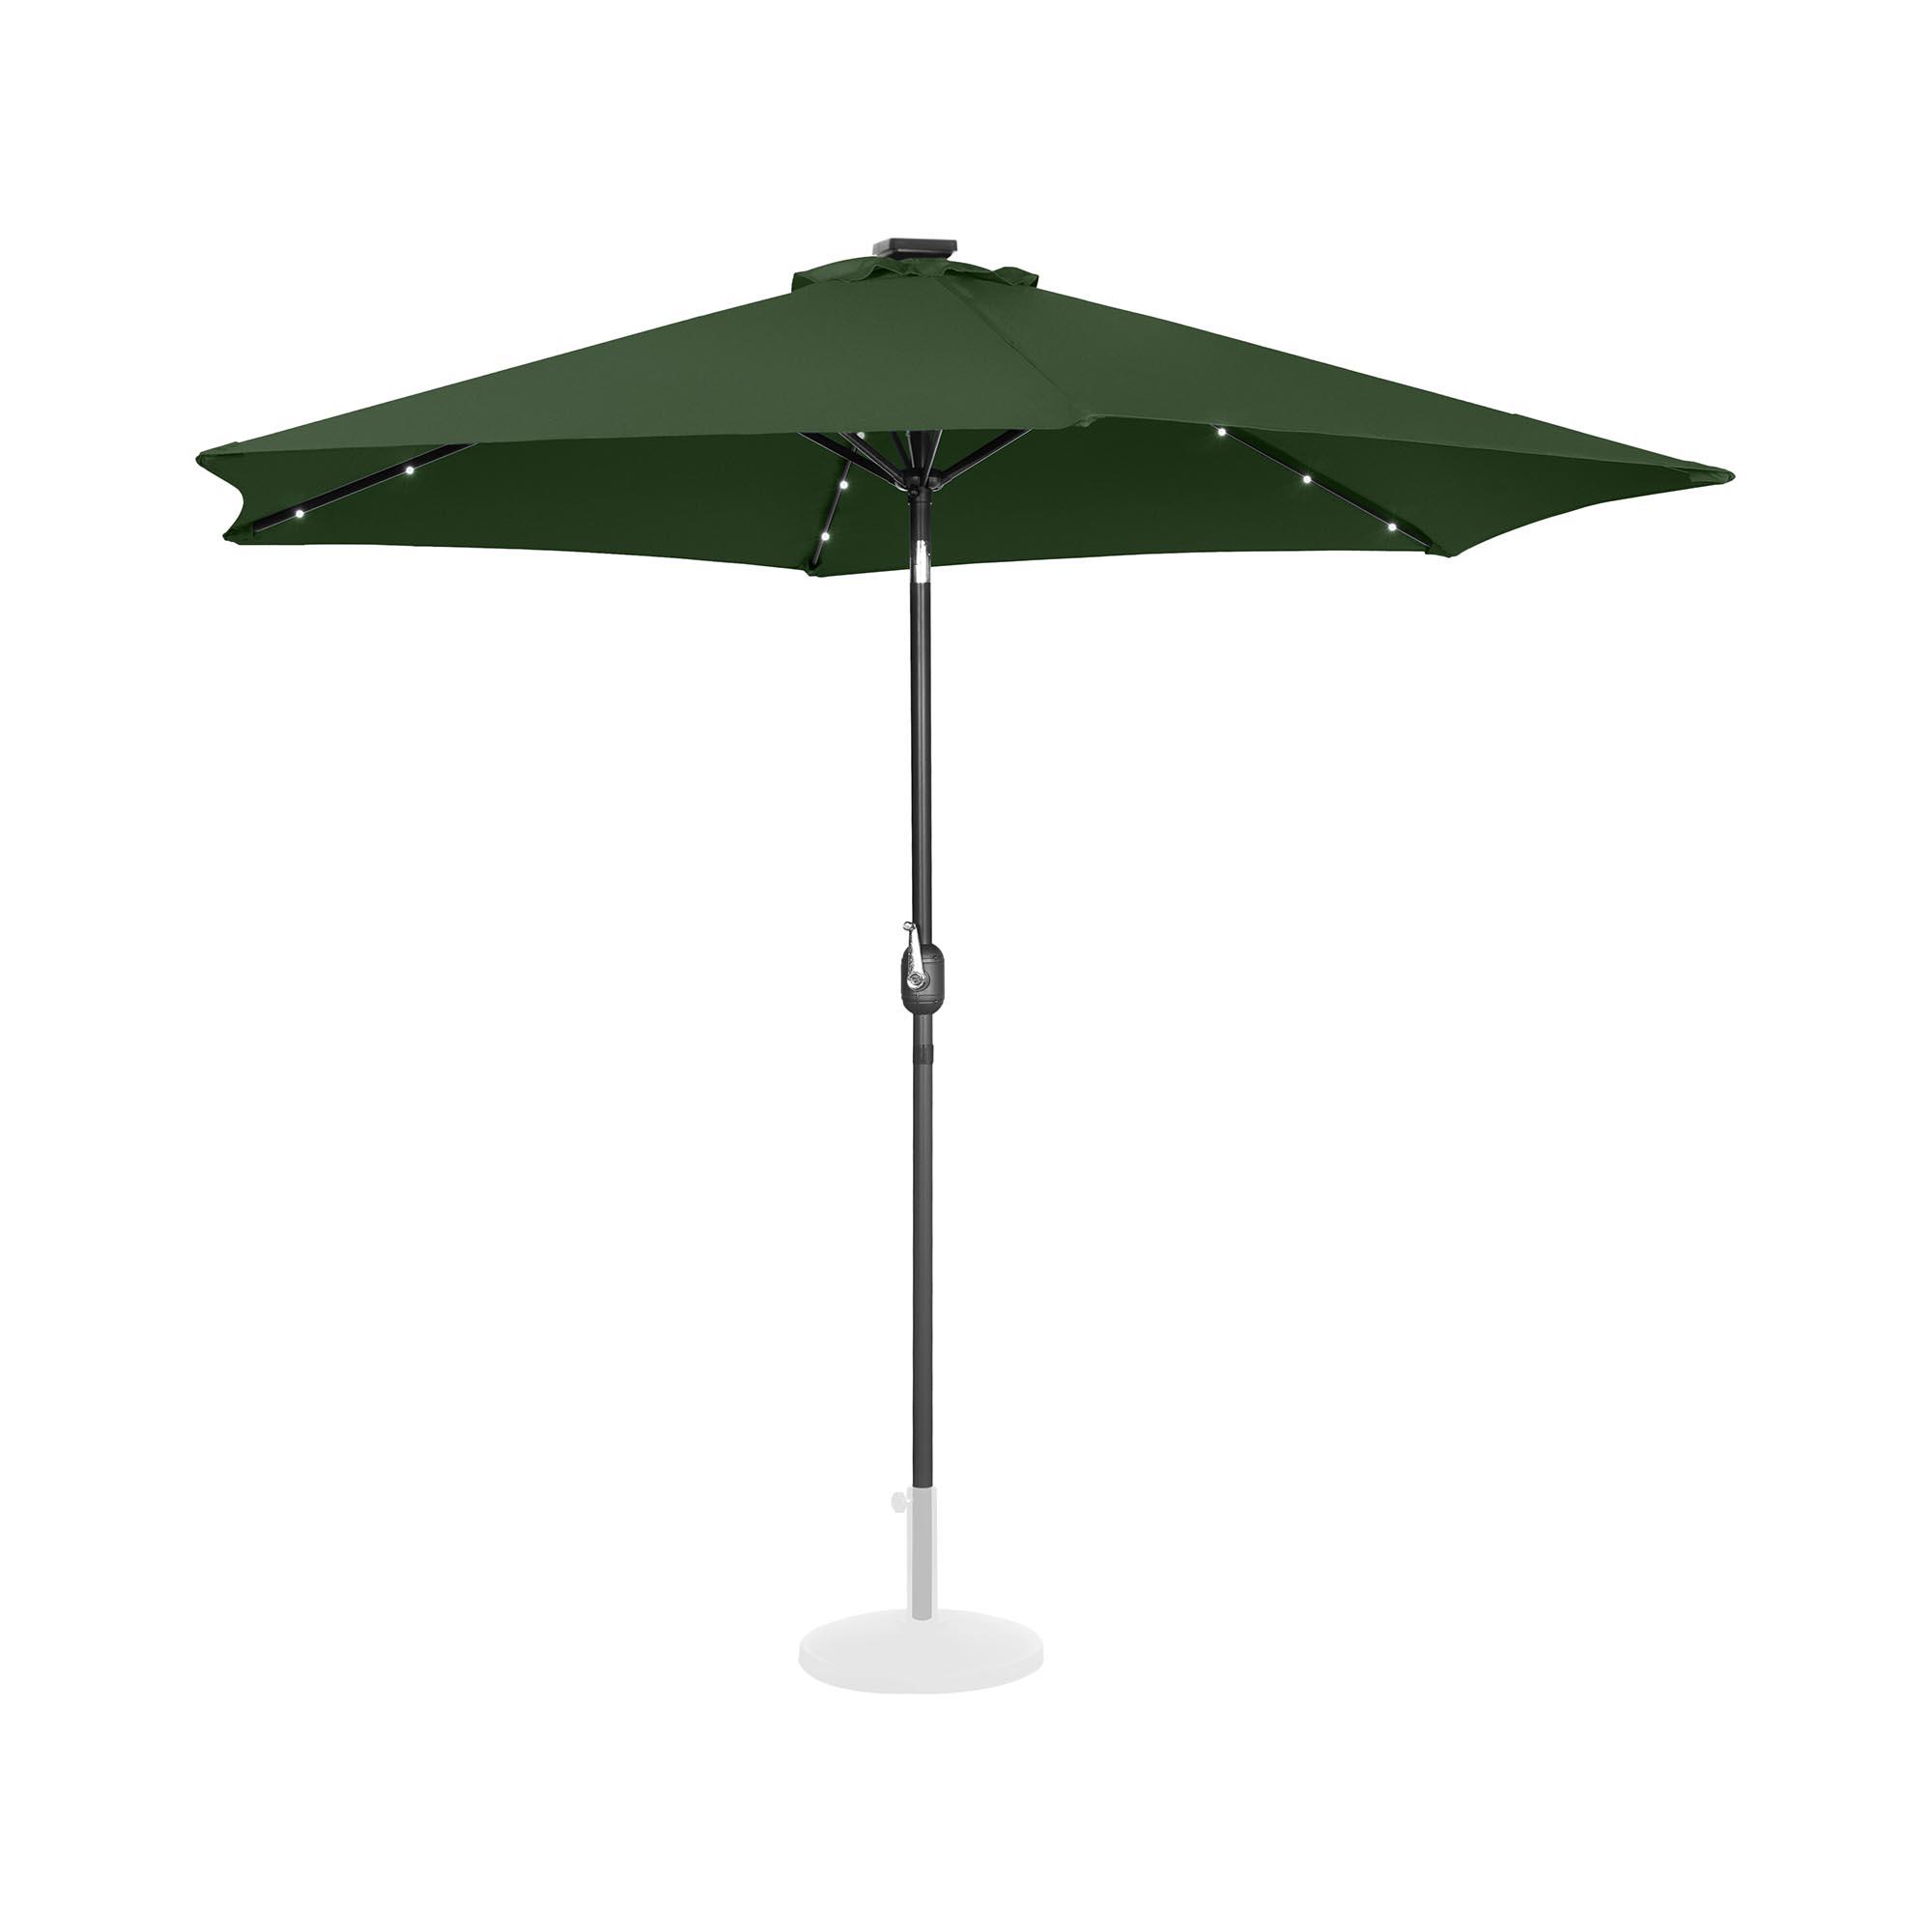 Uniprodo Sonnenschirm mit LED - grün - rund - Ø 300 cm - neigbar 10250124